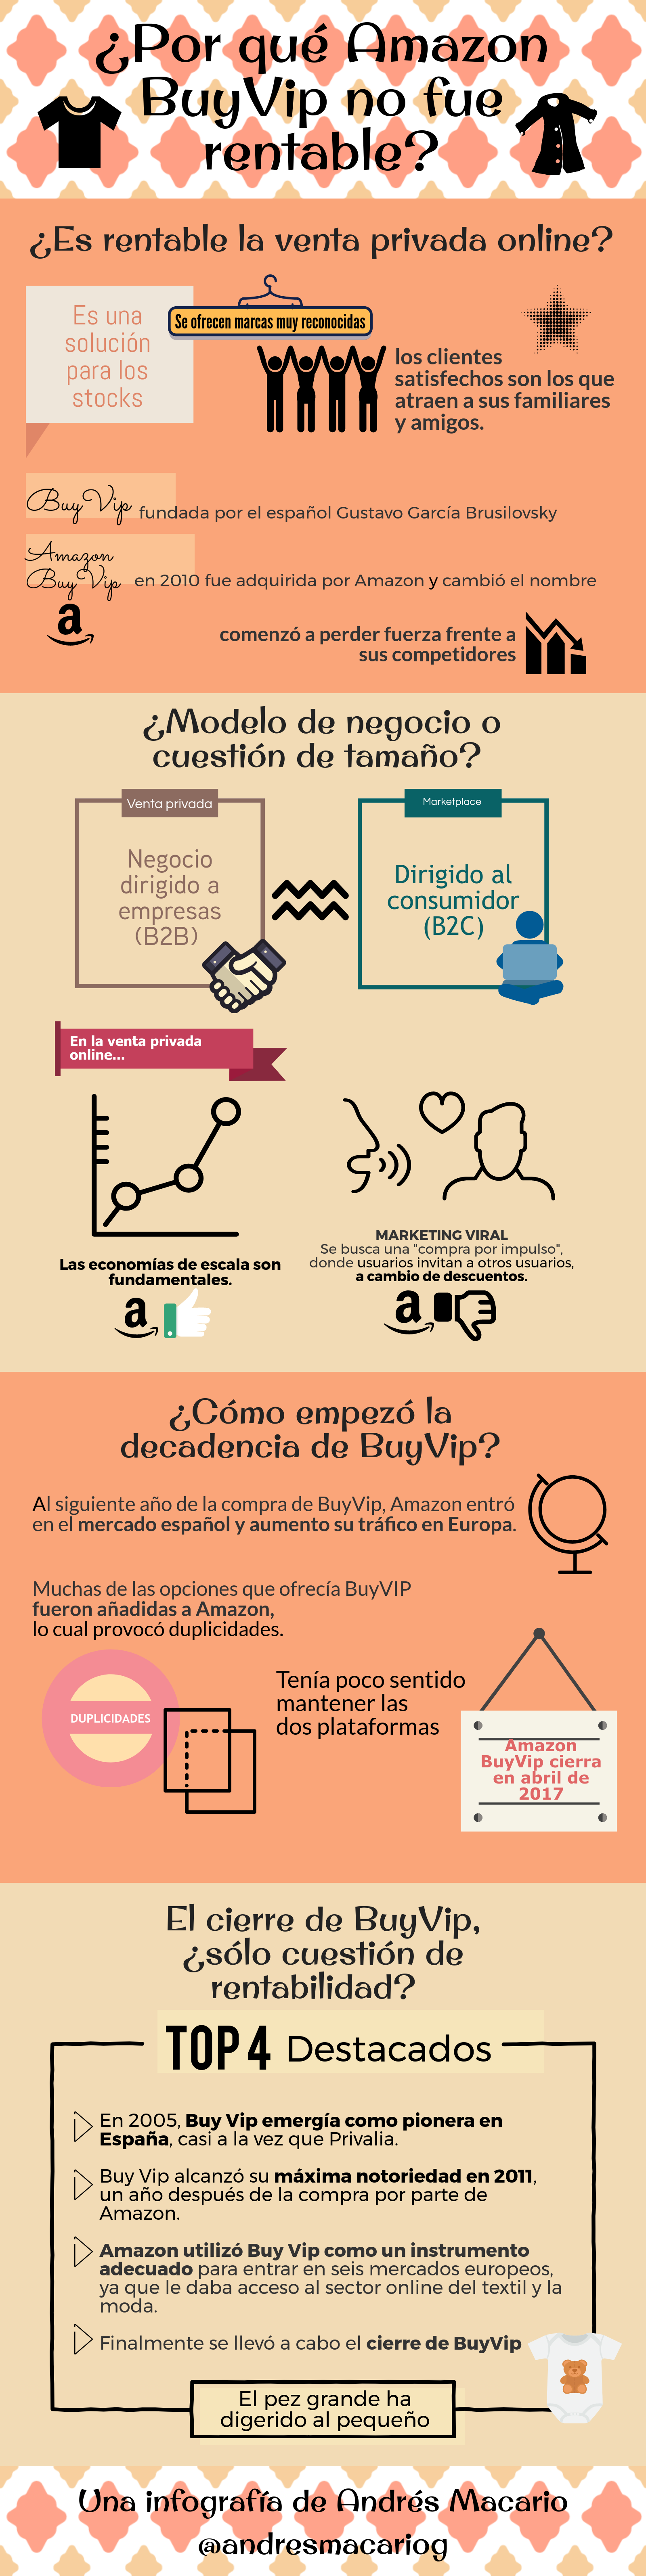 Por qué Amazon BuyVip no fue rentable - Infografía Andrés Macario